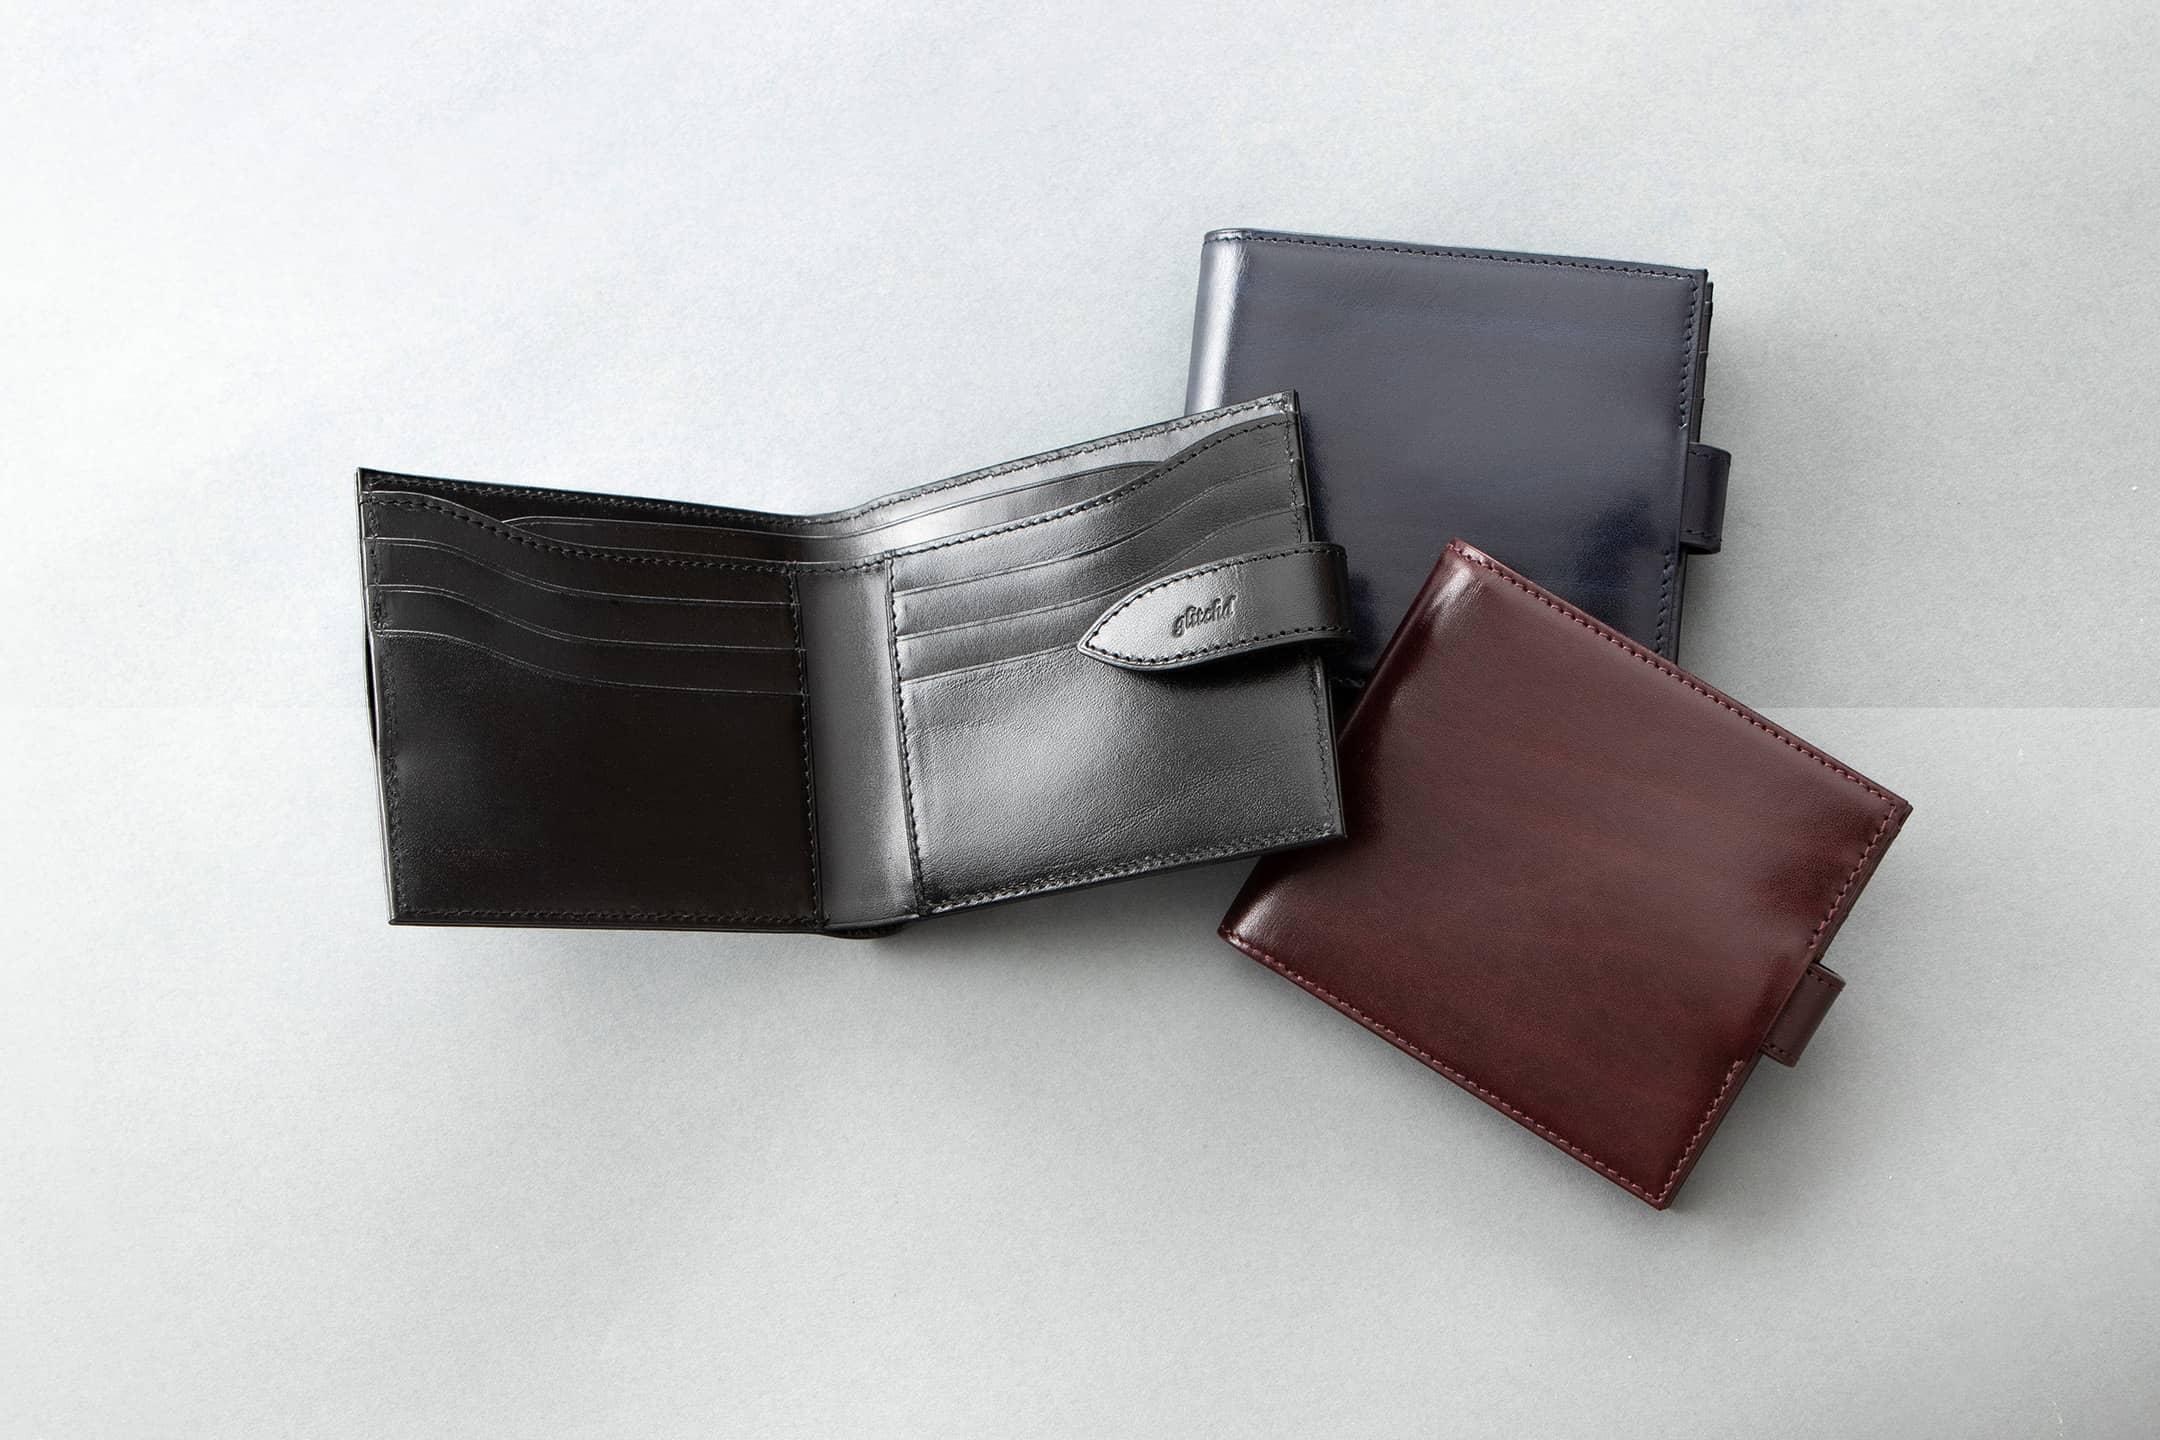 ルガトー 二つ折り財布 by glitchd(グリッチド)